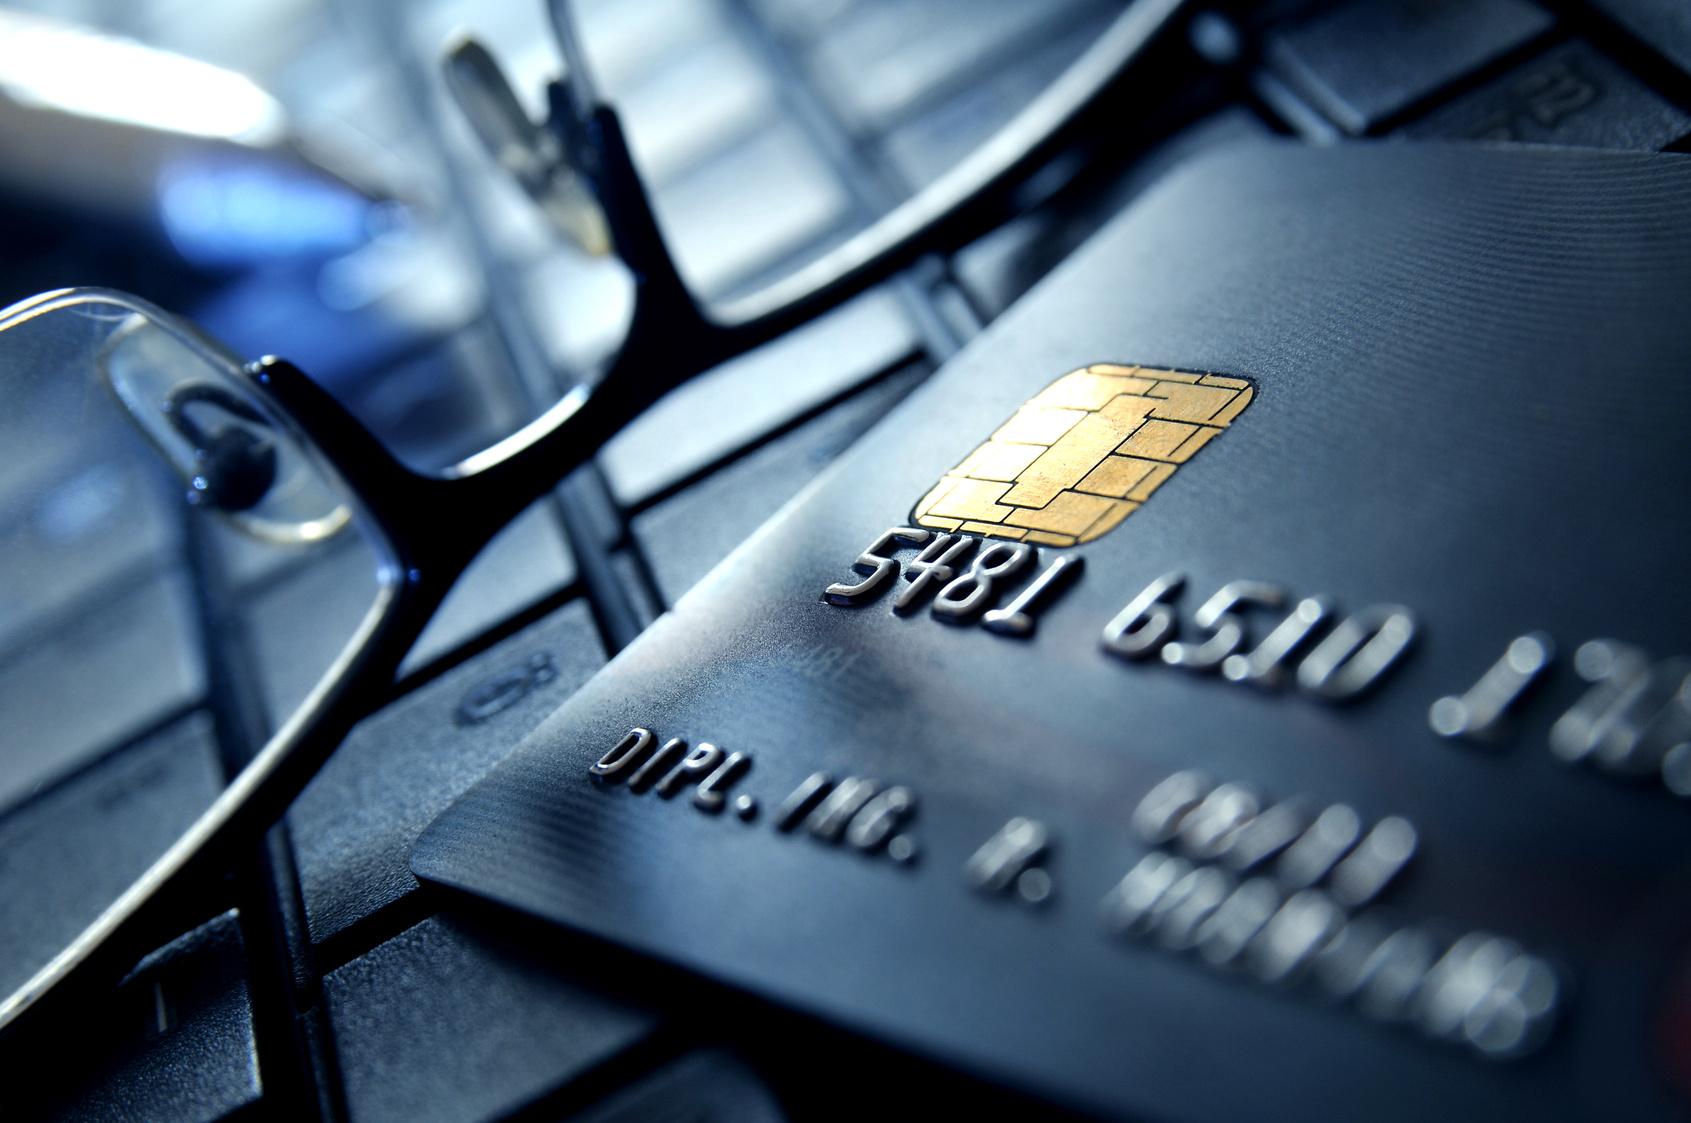 Datenleck bei Zahlungsdienstleister – Banken tauschen Kreditkarten aus